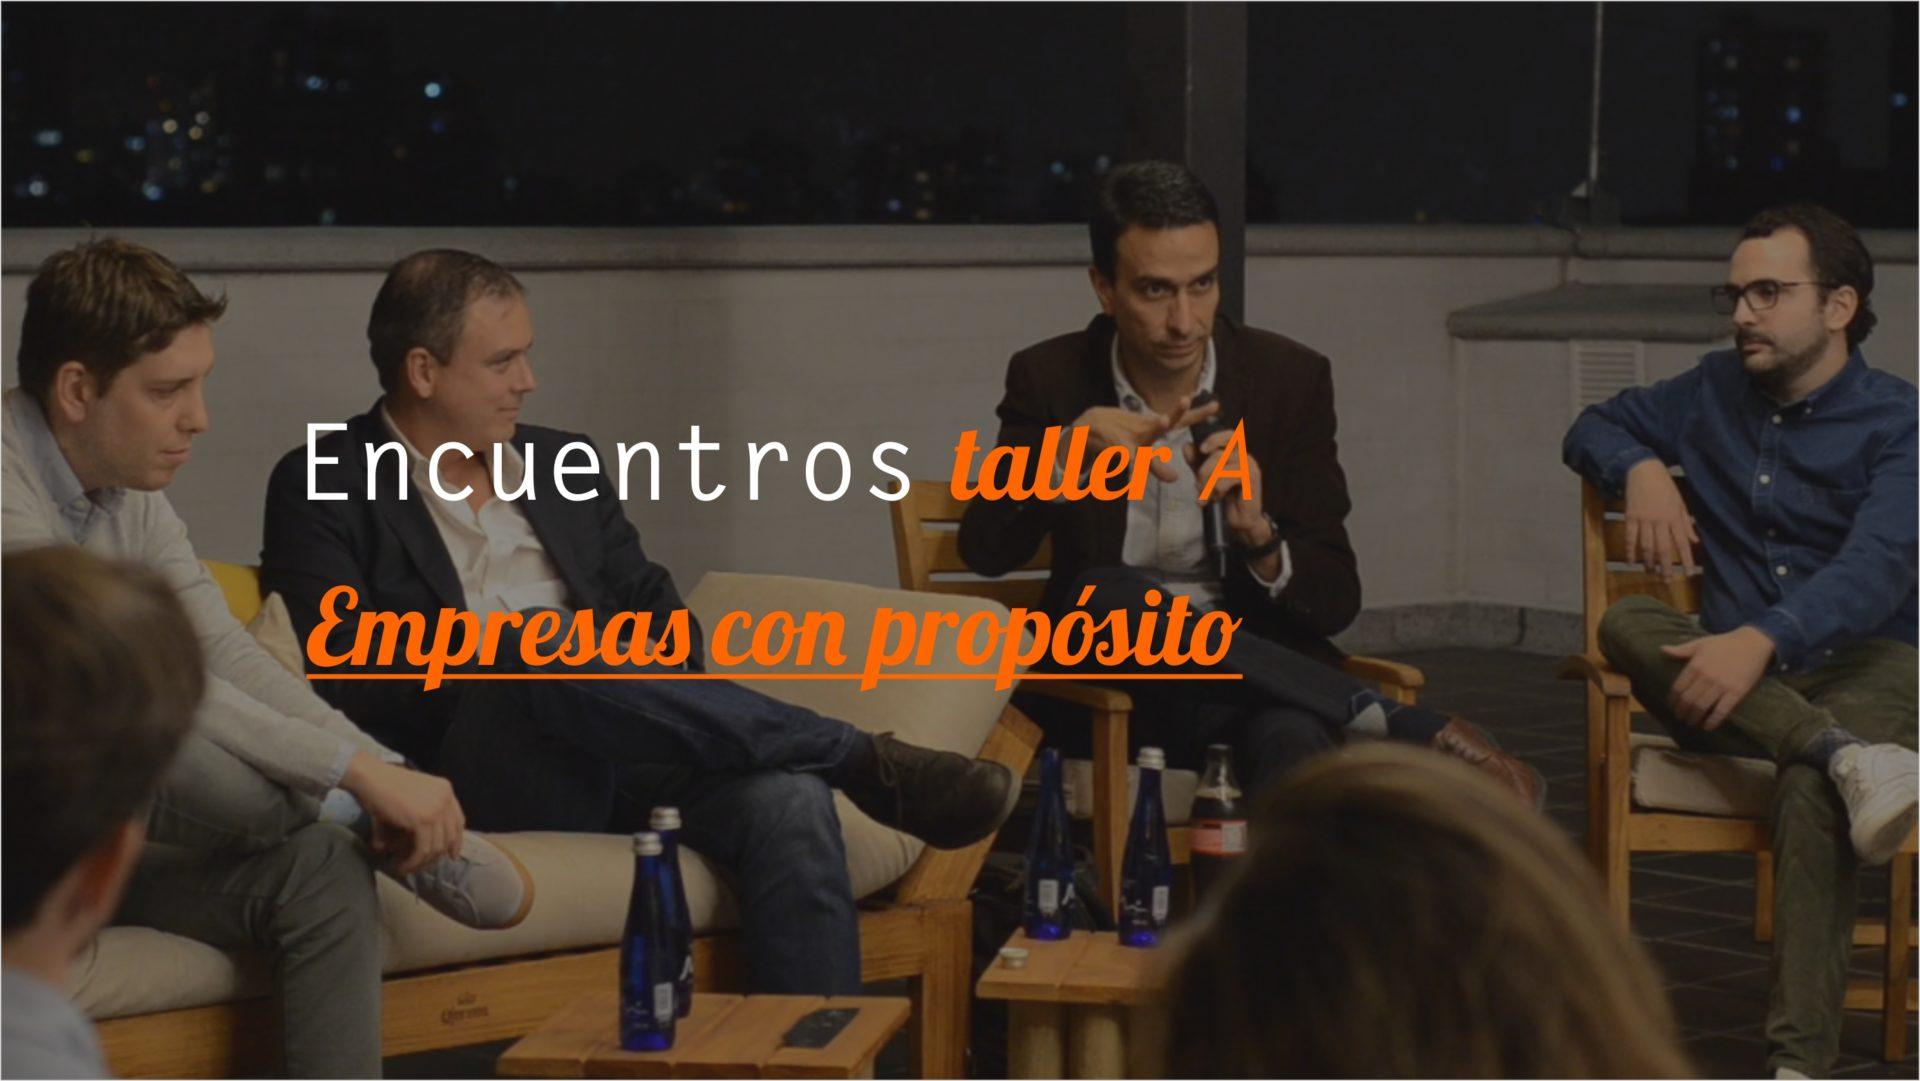 Encuentro Taller AEmpresas con propósito - Los encuentros Taller A buscan ser un espacio donde emprendedores y nuevos empresarios pueden compartir conocimientos y experiencias por medio de conversatorios con personas destacadas de diversos sectores.Comandado por Daniel Restrepo estuvimos conversado un poco con:- Alejandro Mesa, presidente de Premex - @alejomesaq- Alejandro Lopez, creado de TurboBoy - @alejolopeztb- Diego Mantilla, Presidente de TCC Colombia